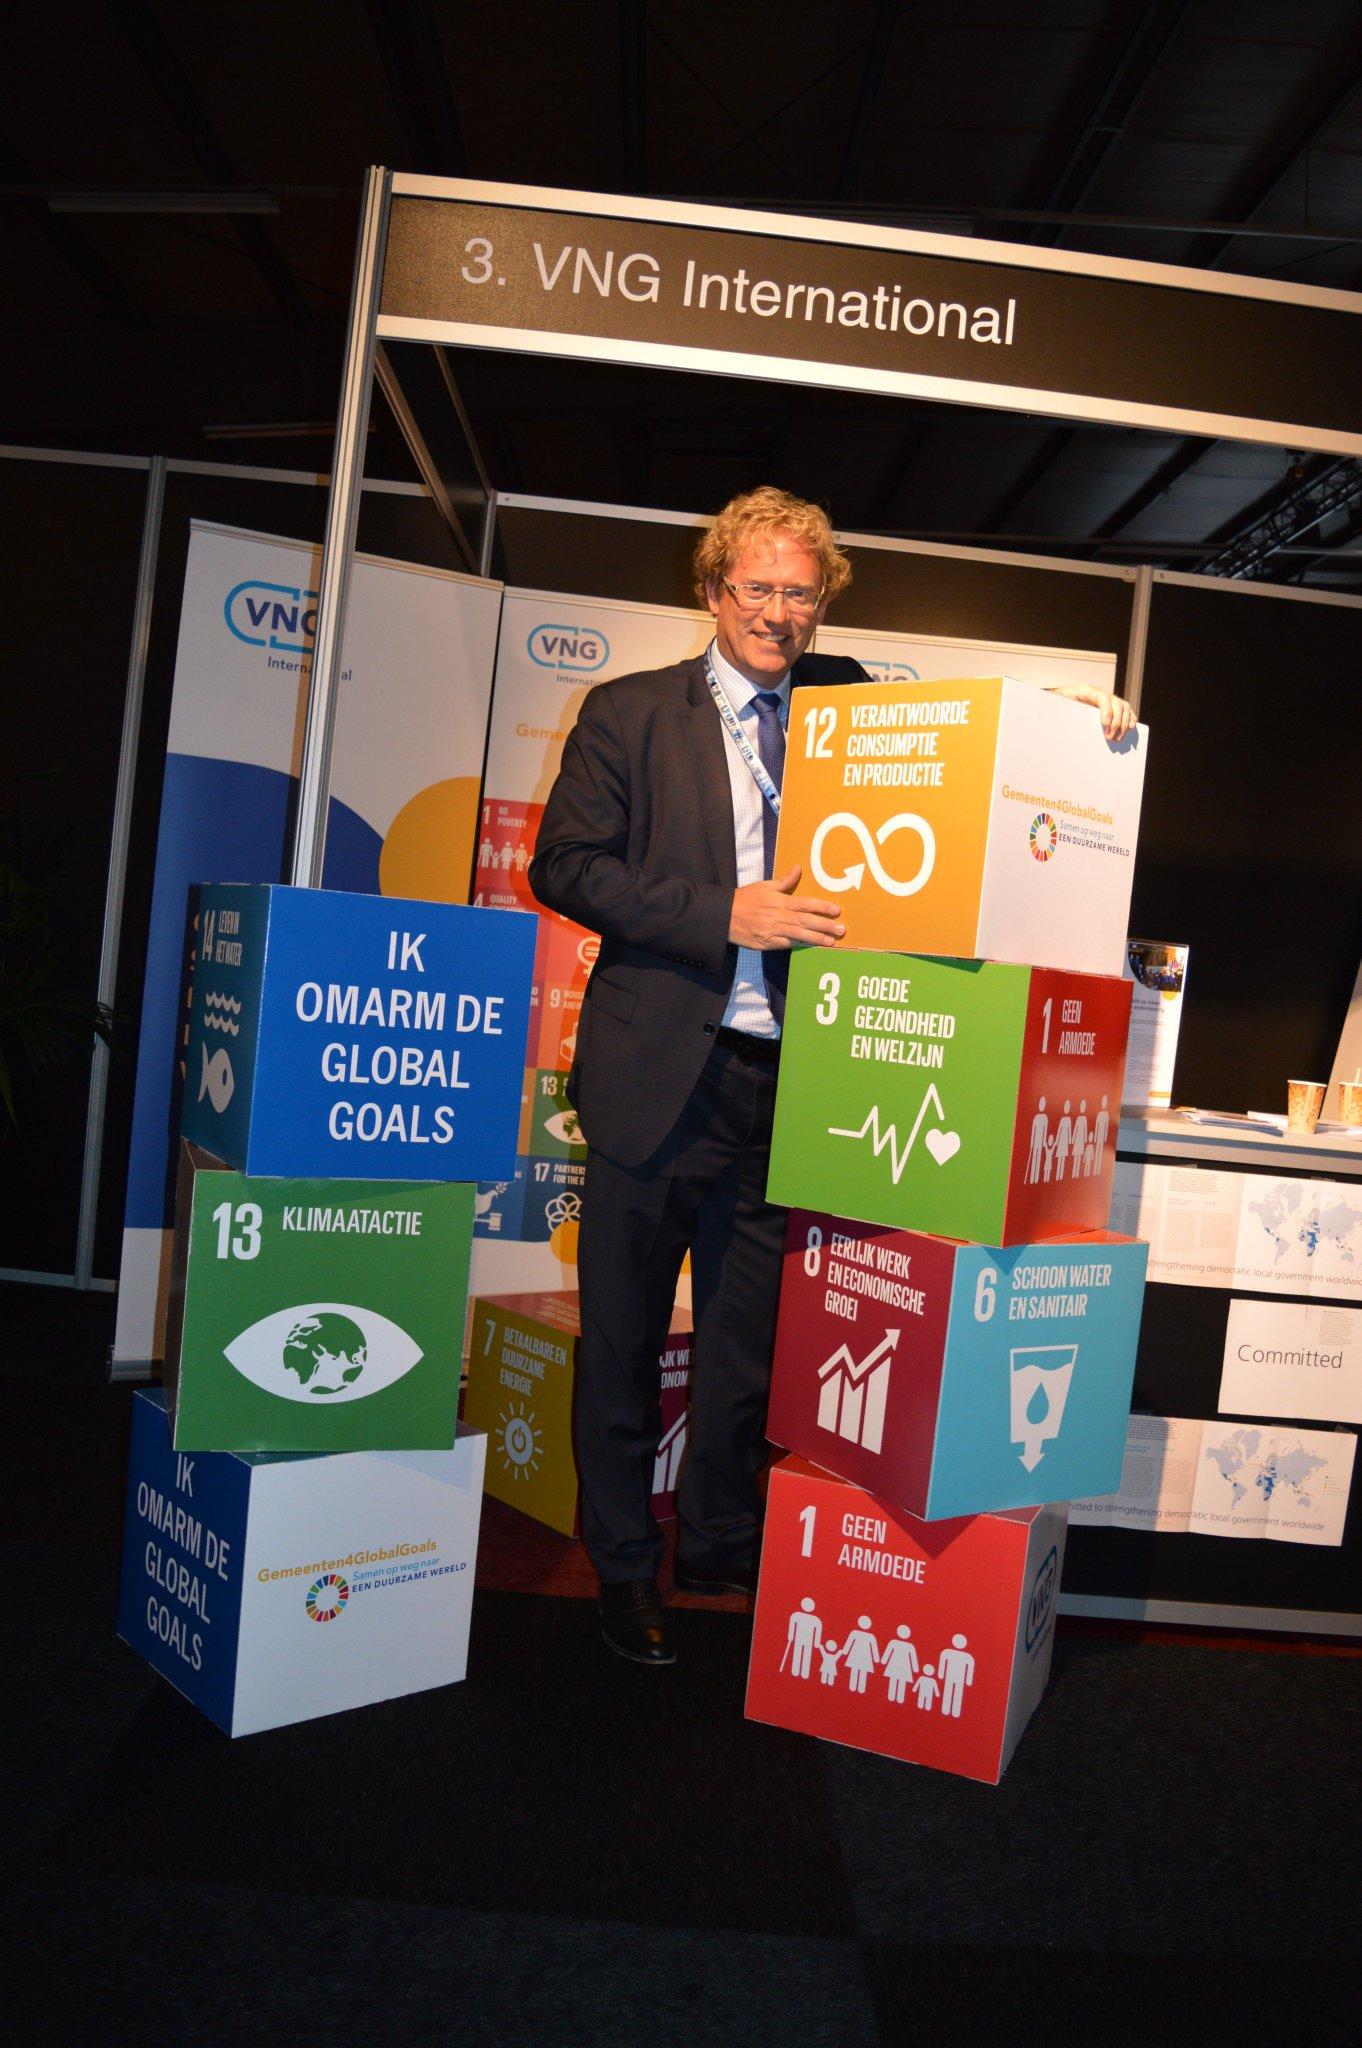 Burgemeester @arnoudrodenburg van @Midden_Delfland omarmt de #GlobalGoals! #SDGs #Cittaslow #VNGcongres2017 https://t.co/aluGMxYf1Q